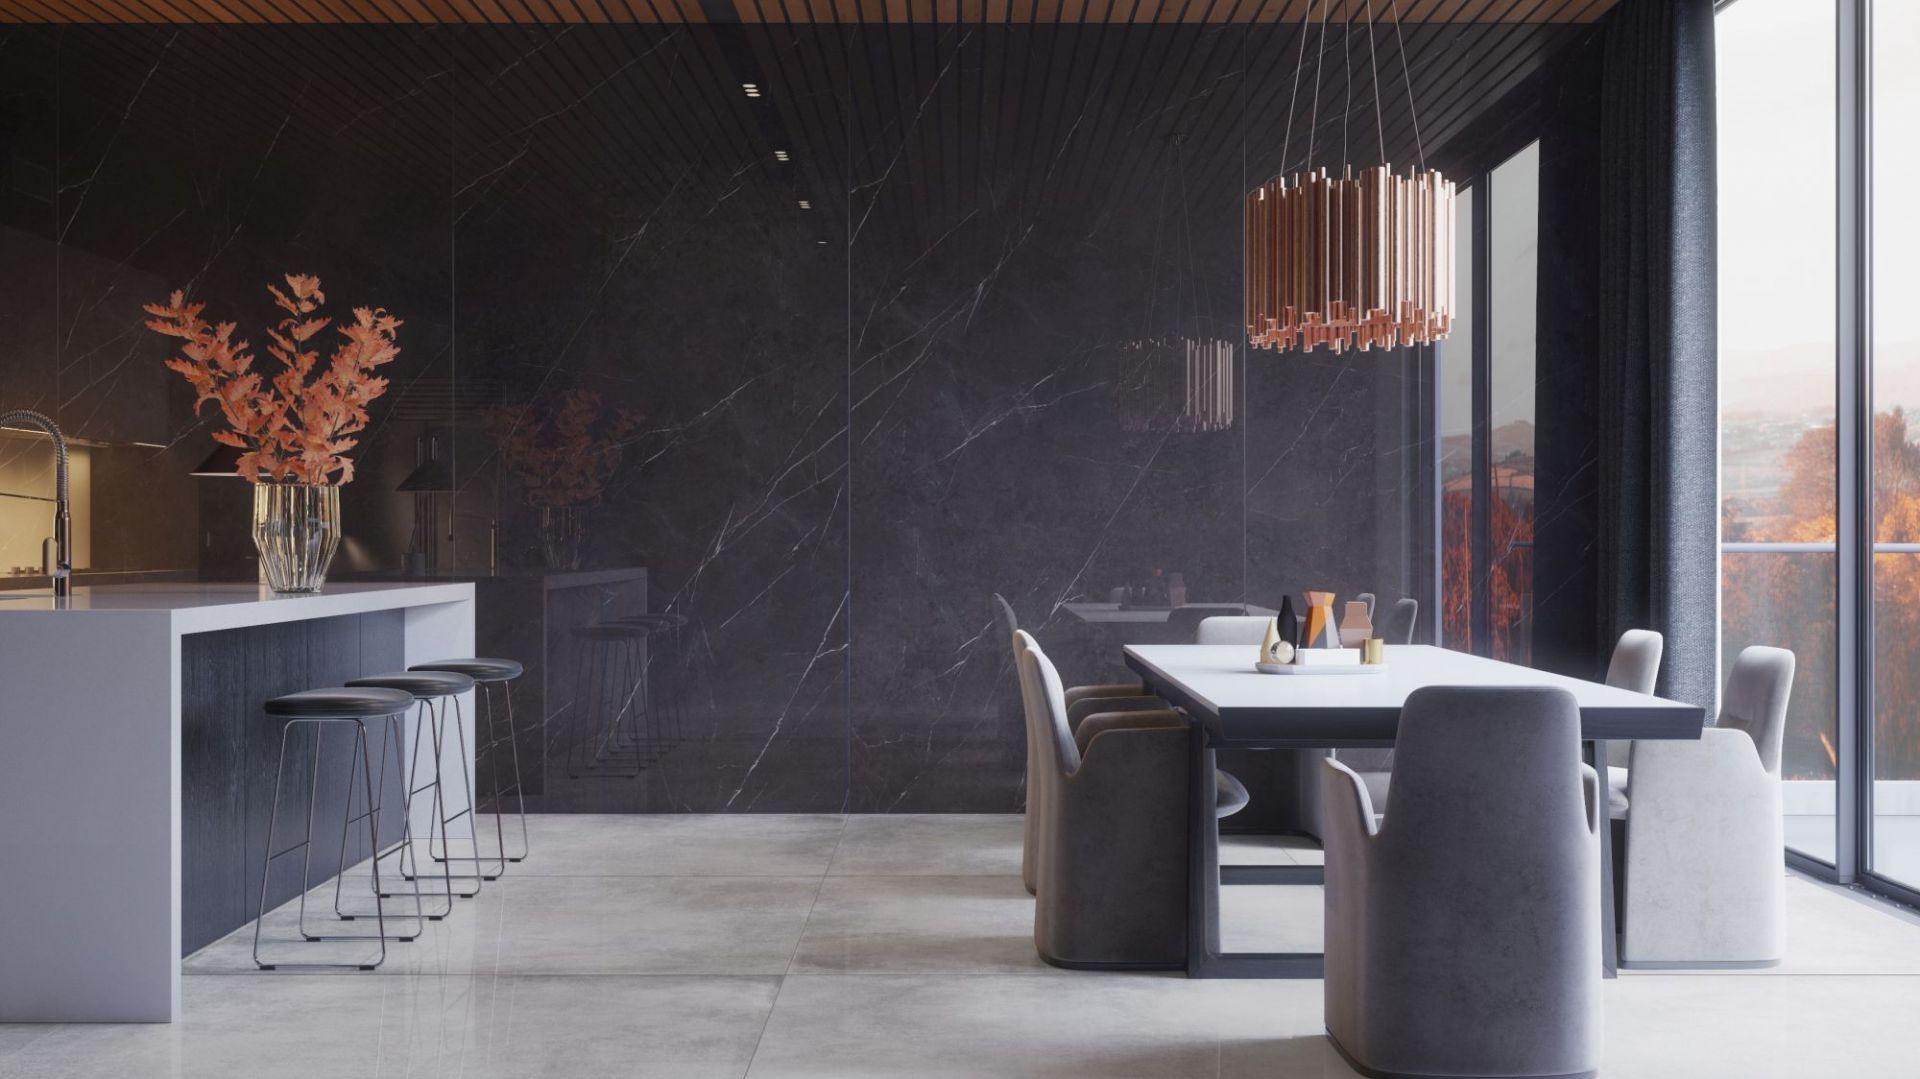 Kolekcja płyt gresowych Marquina, polerowanych w formacie 162x324cm. Niezwykła, nieco chłodna struktura materiału w połączeniu z głęboką czernią, stworzą zgrany duet z ciepłym, naturalnych drewnem. Fot. Cerrad